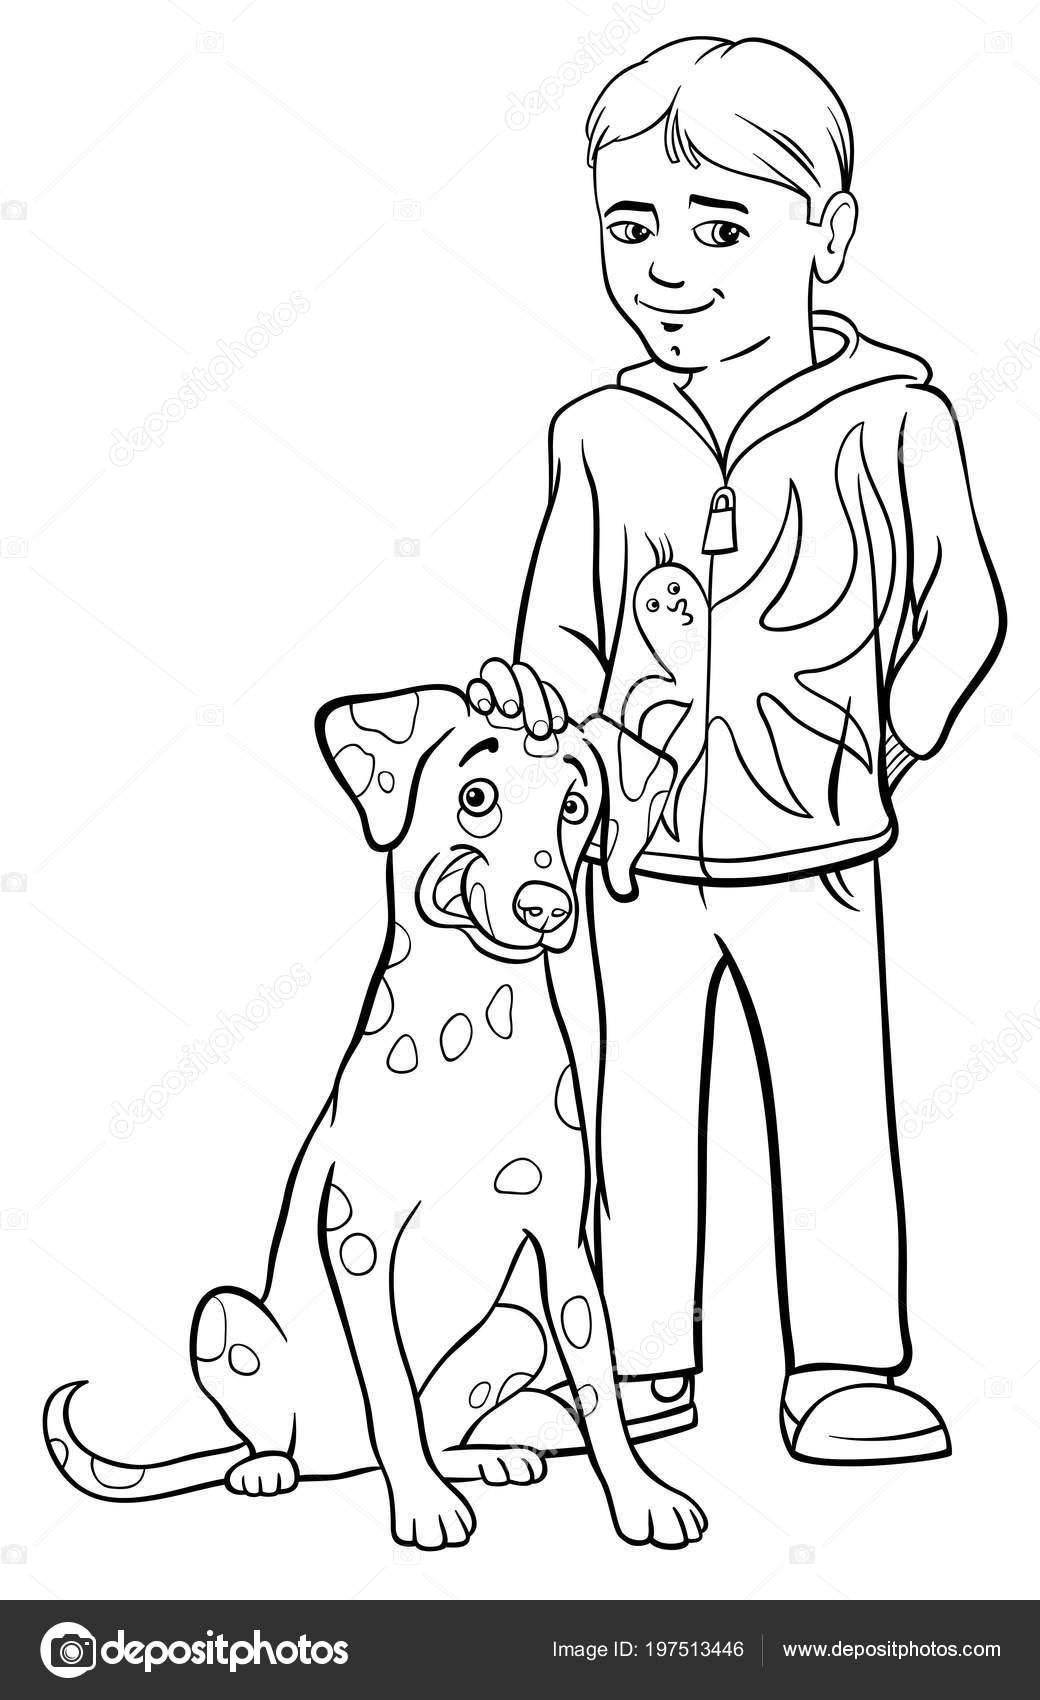 Ilustración Dibujos Animados Blanco Negro Niño Chico Con Perro ...